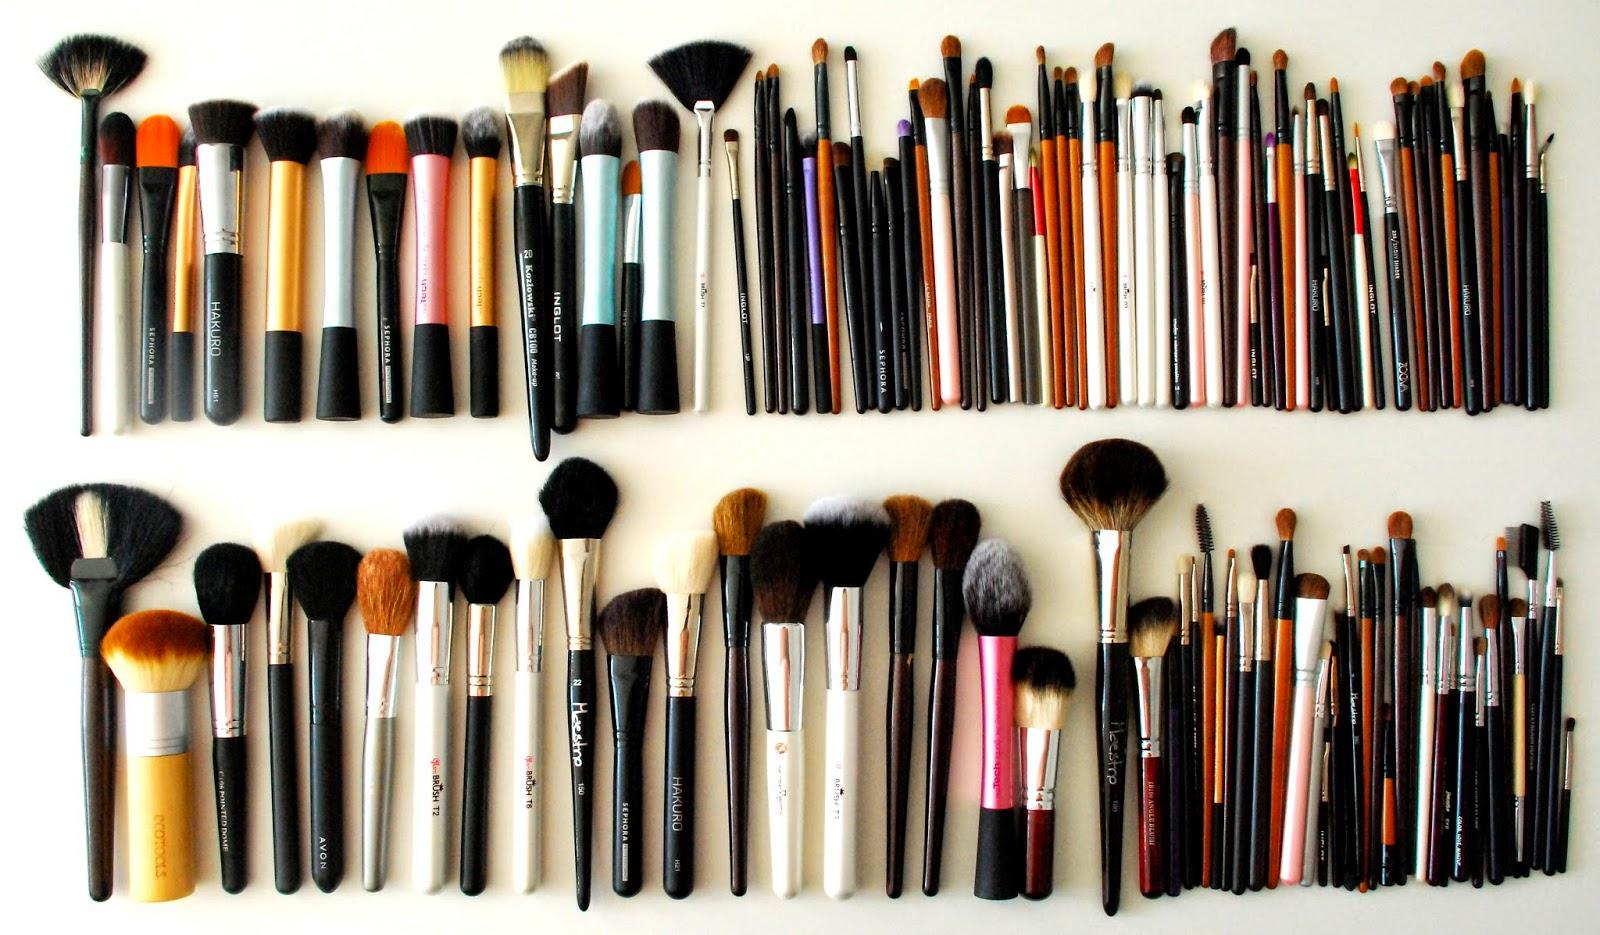 Kosmetyczne skarby cz. 1 - zbiór moich pędzli do makijażu.